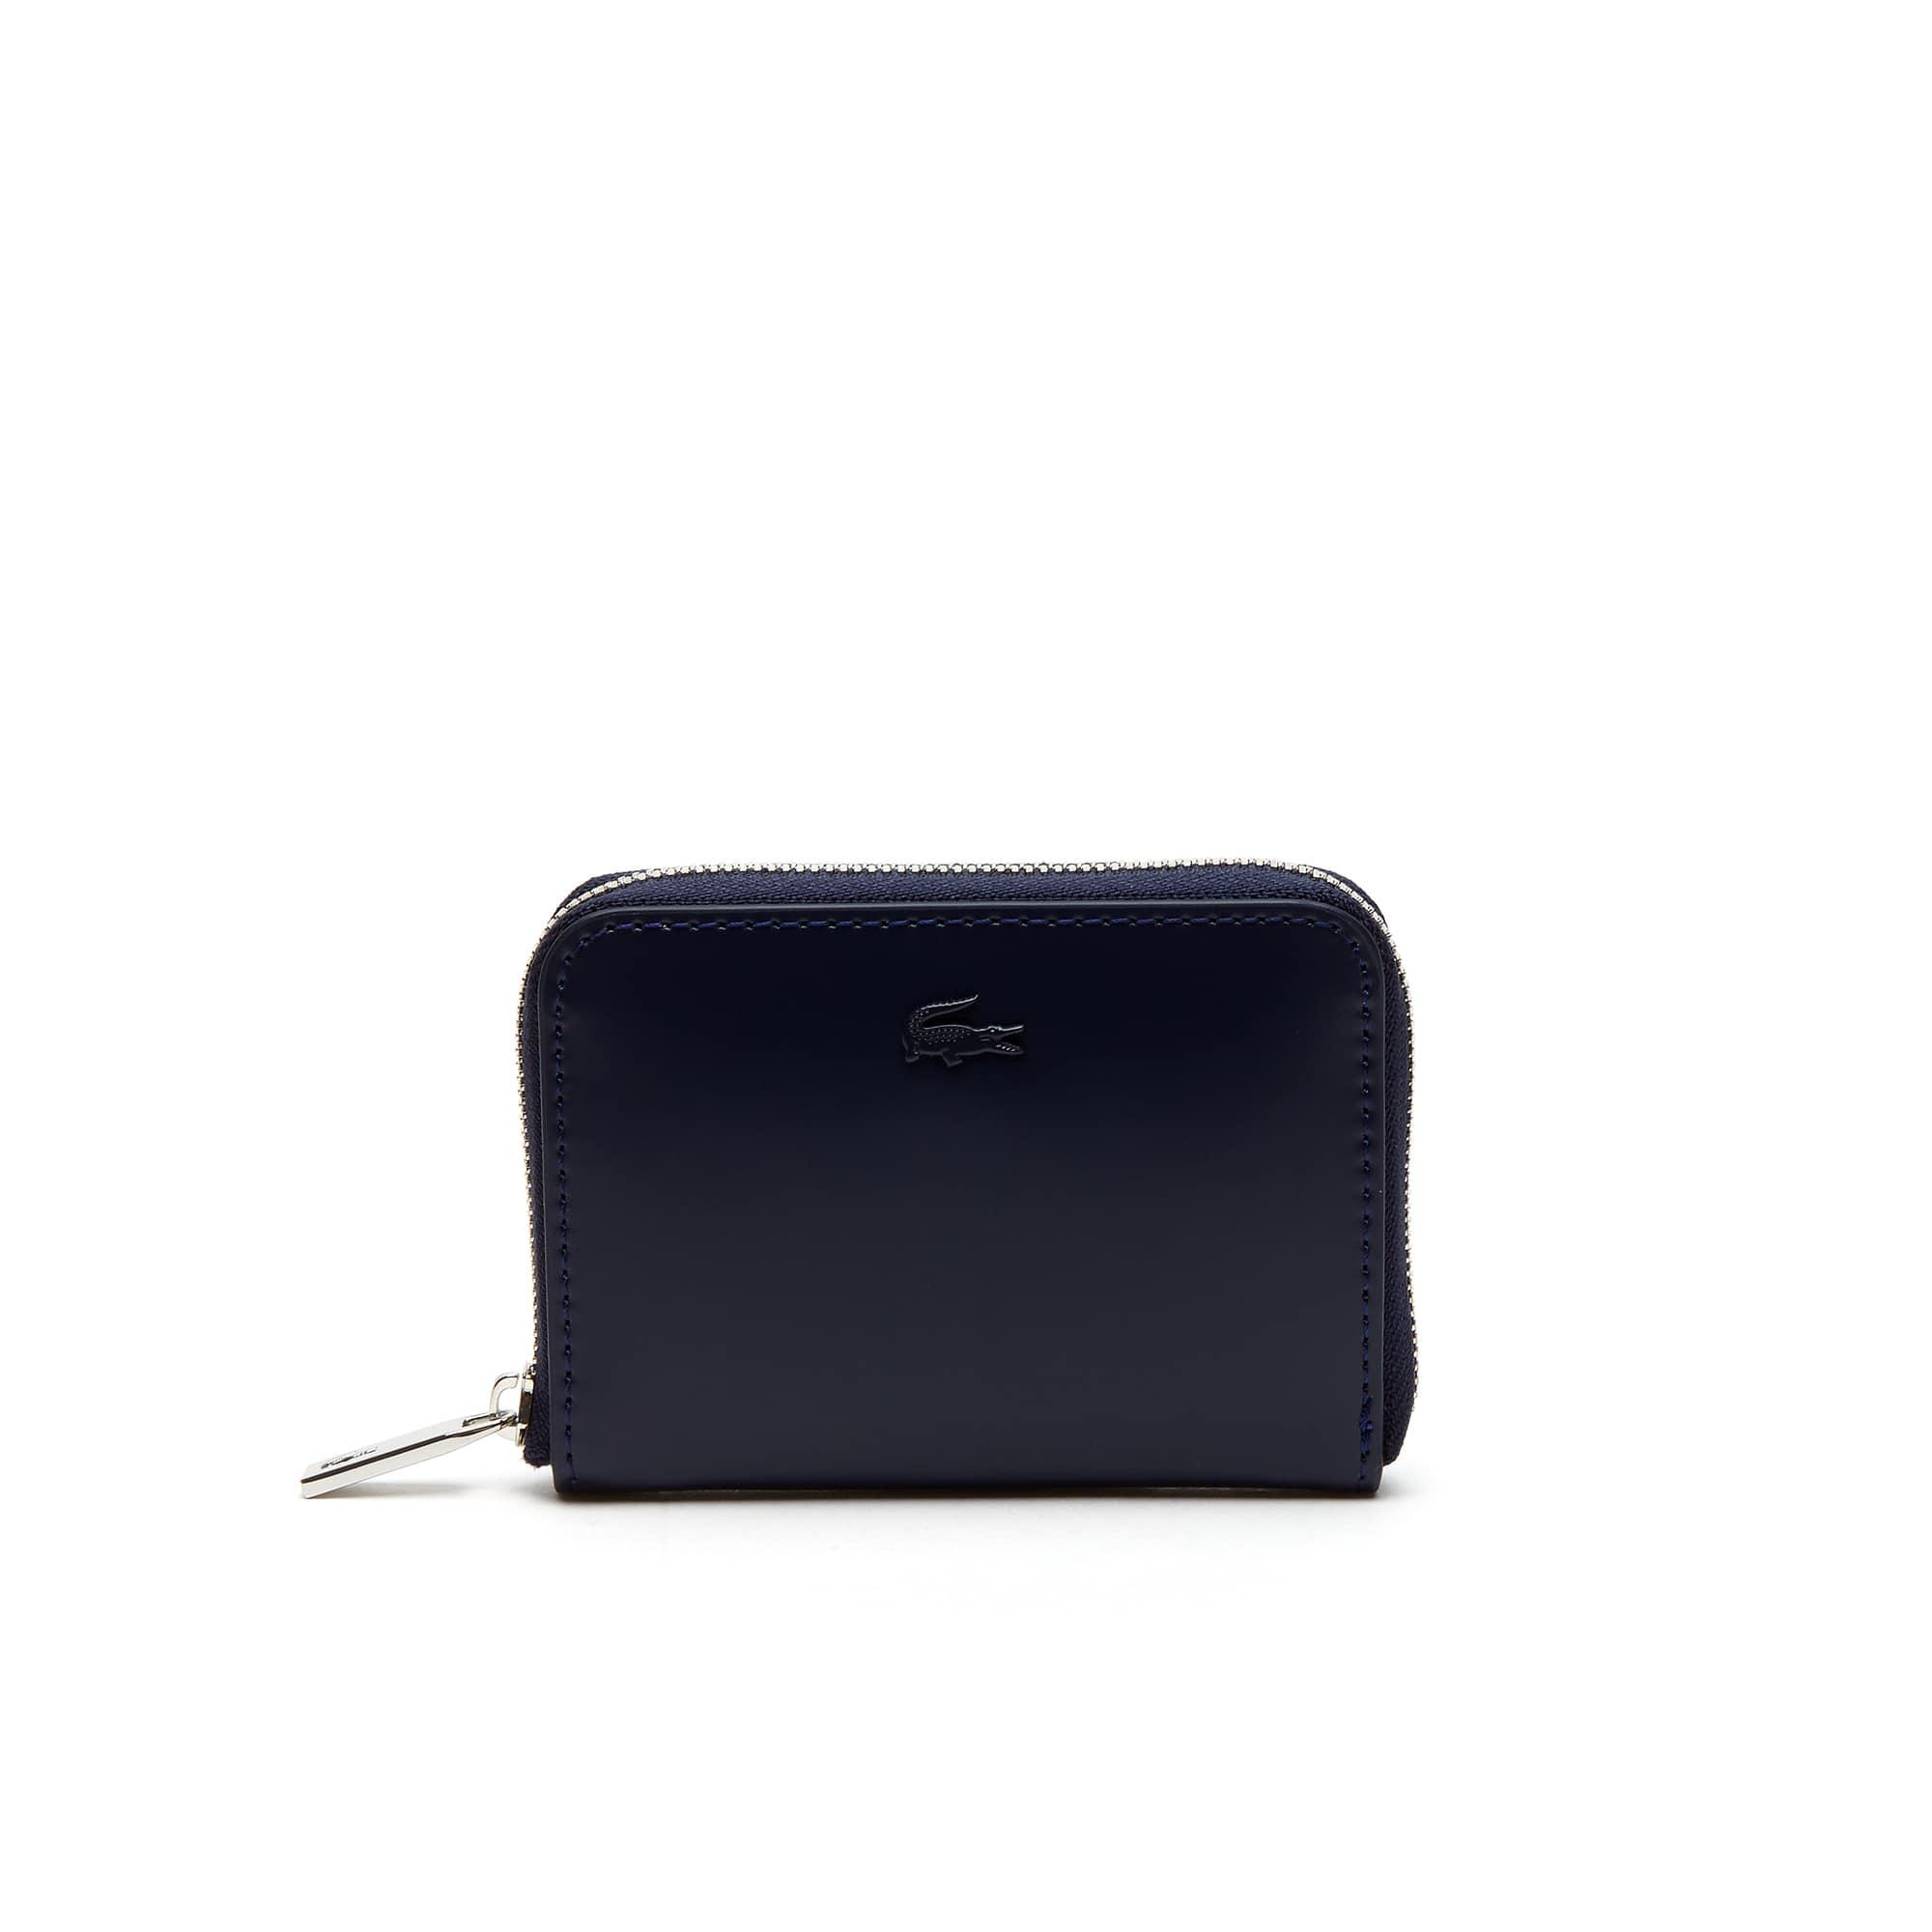 Porte monnaie zippé Mini golf en cuir glacé uni